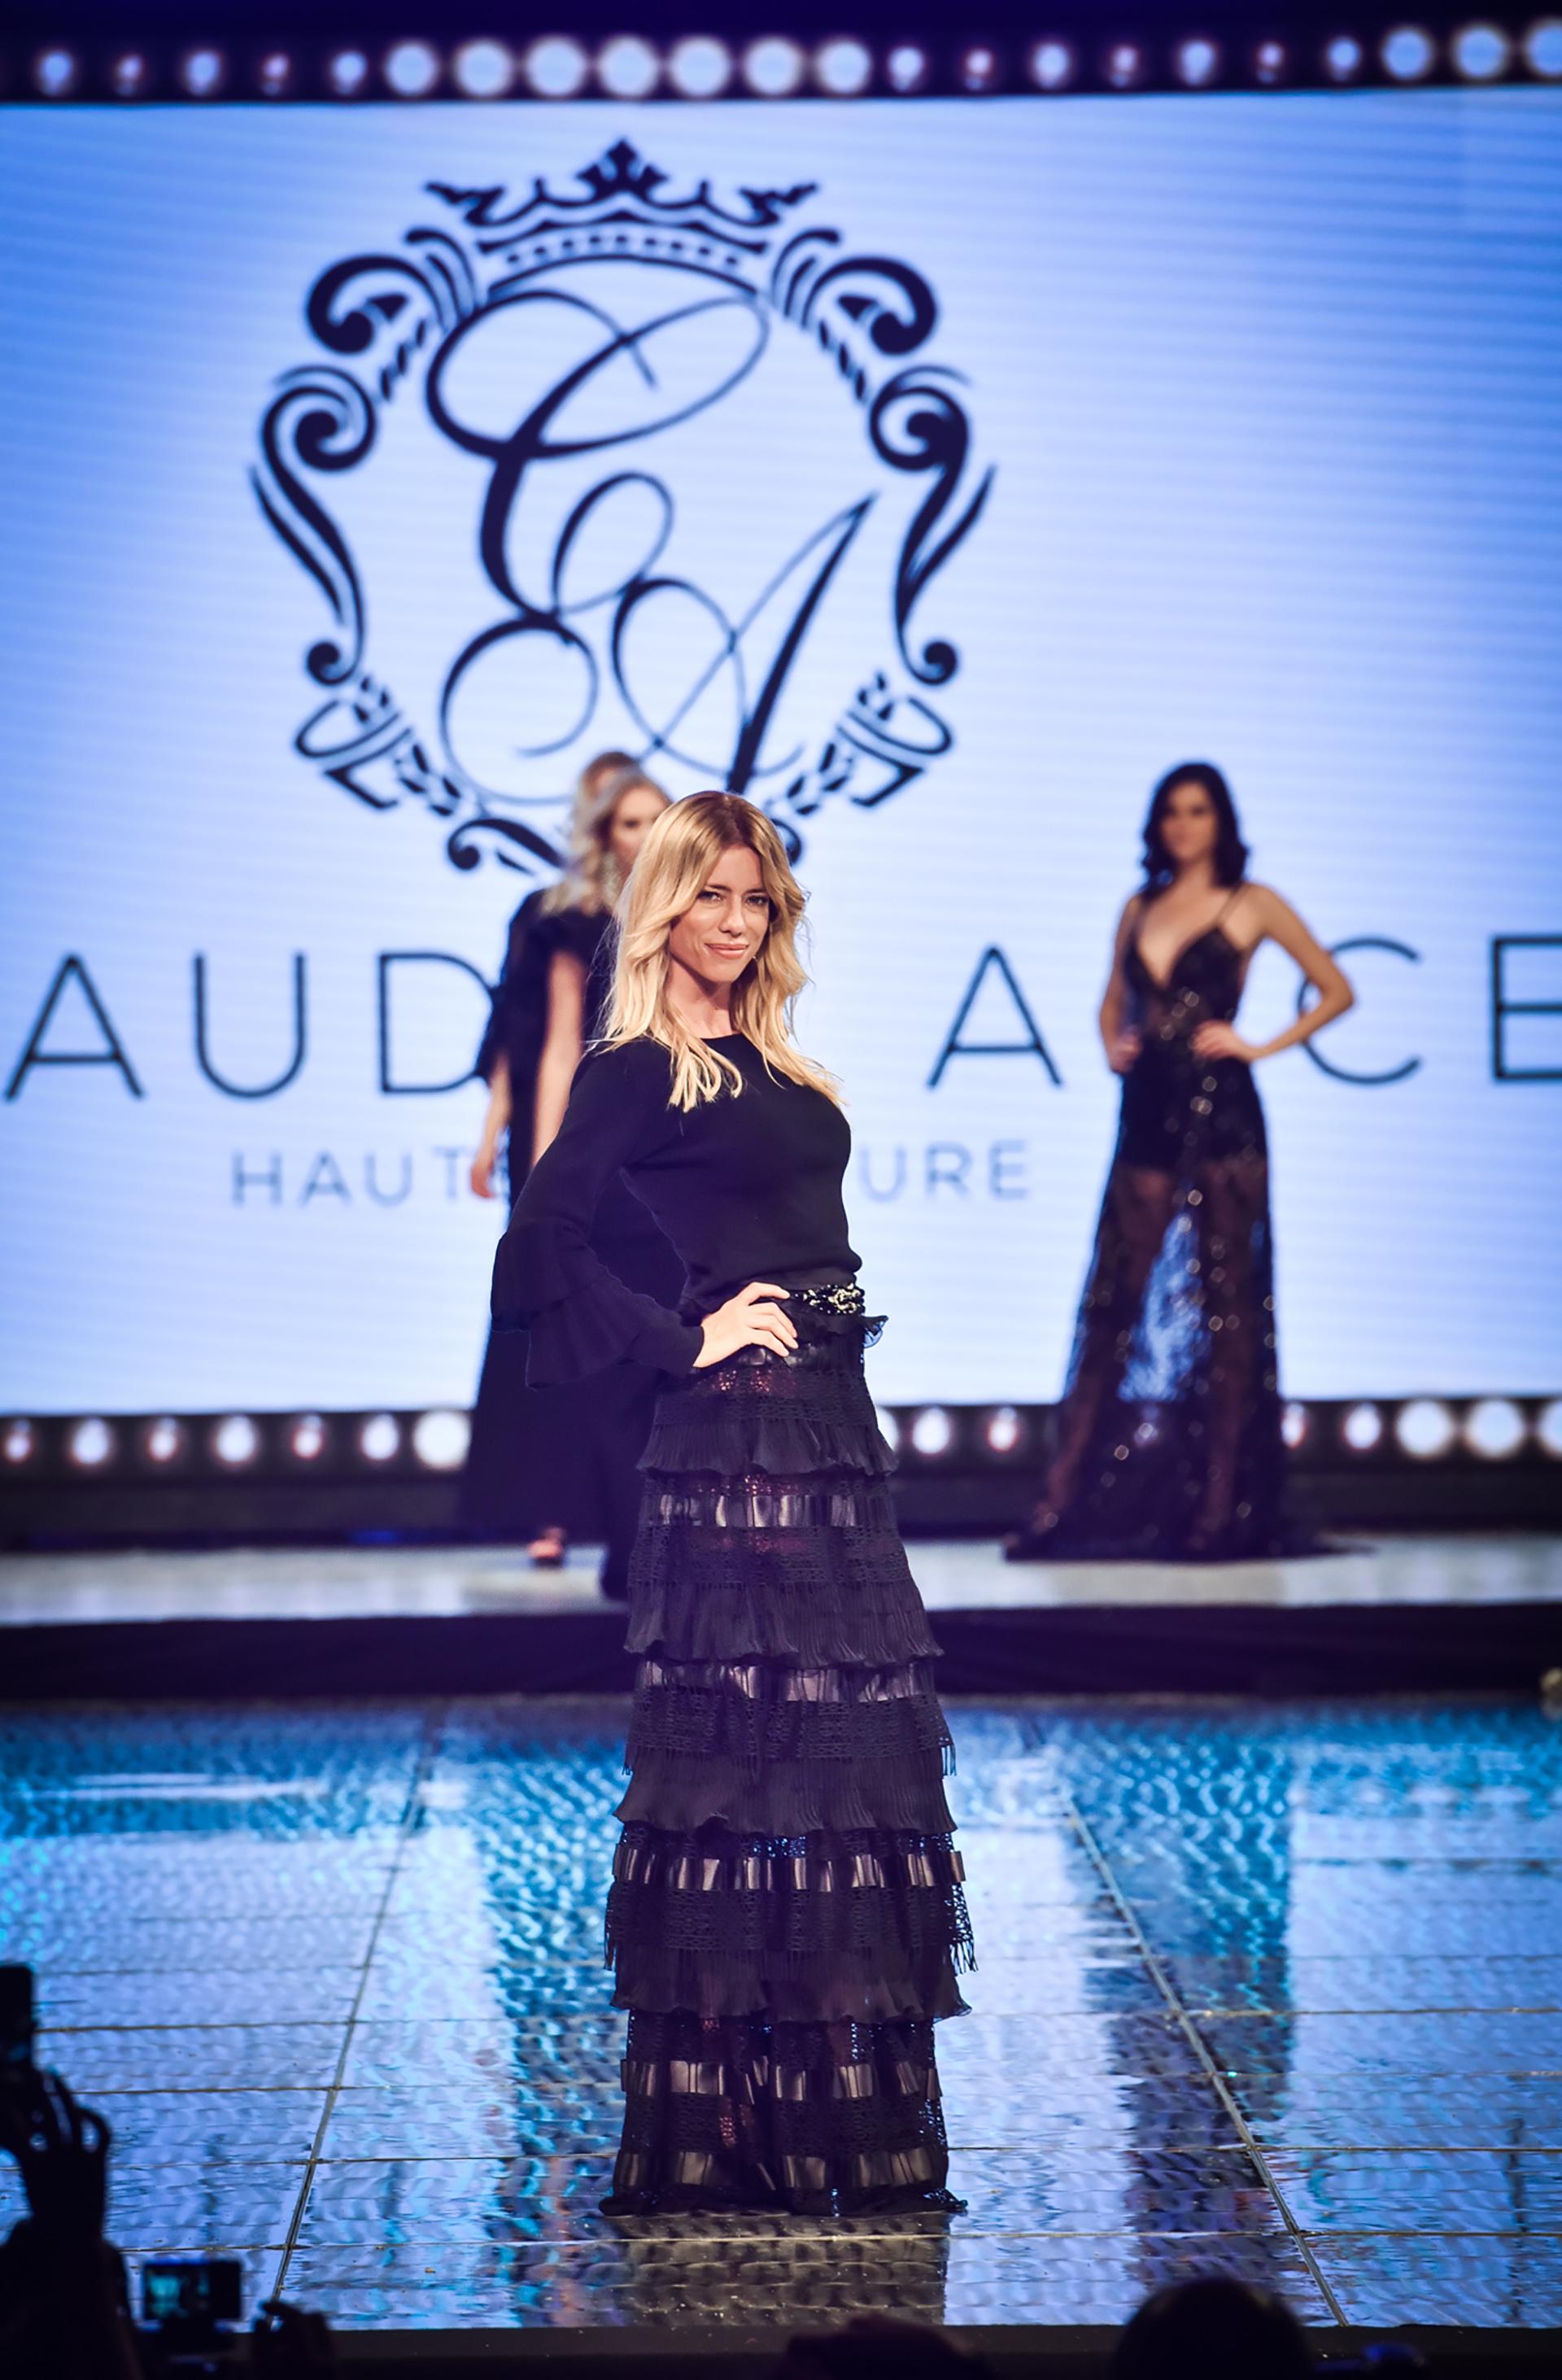 Nicole Neumann, cerró la pasarela de una noche mágica que reunió a los principales diseñadores argentinos, en el primer día del gran show de moda